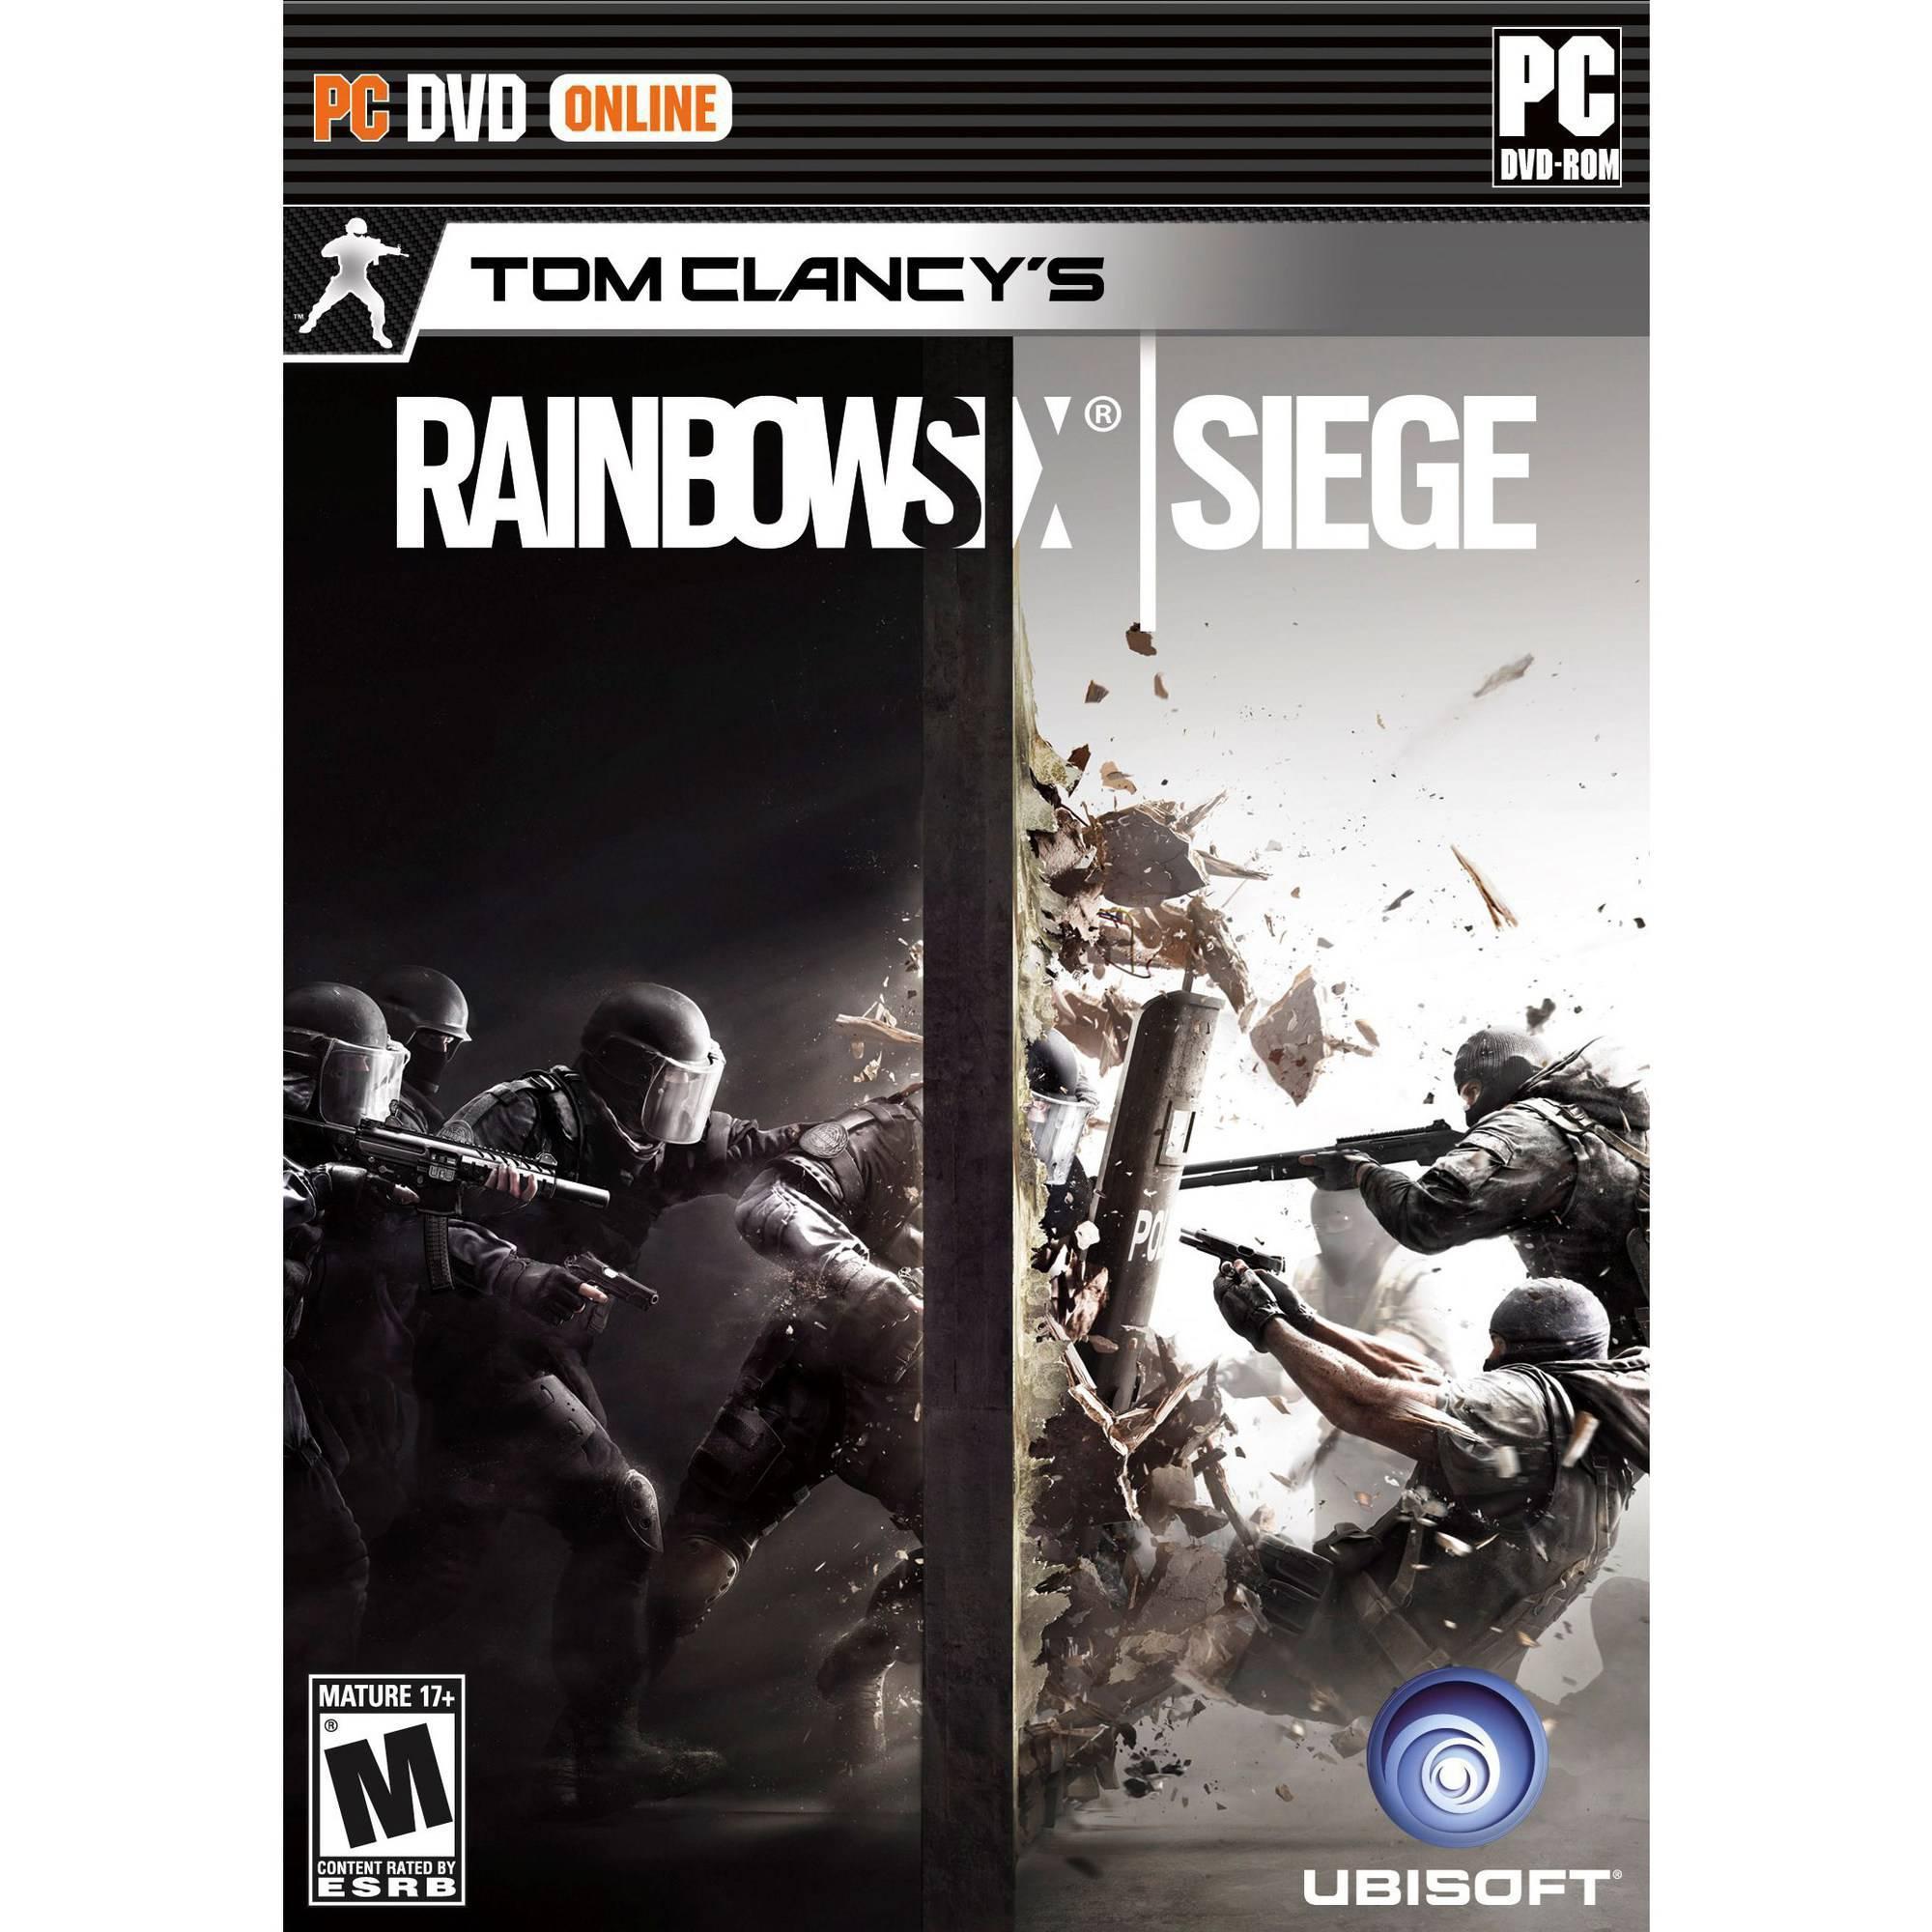 Tom Clancy's Rainbow Six : Siege gratuit sur PC seulement le week-end